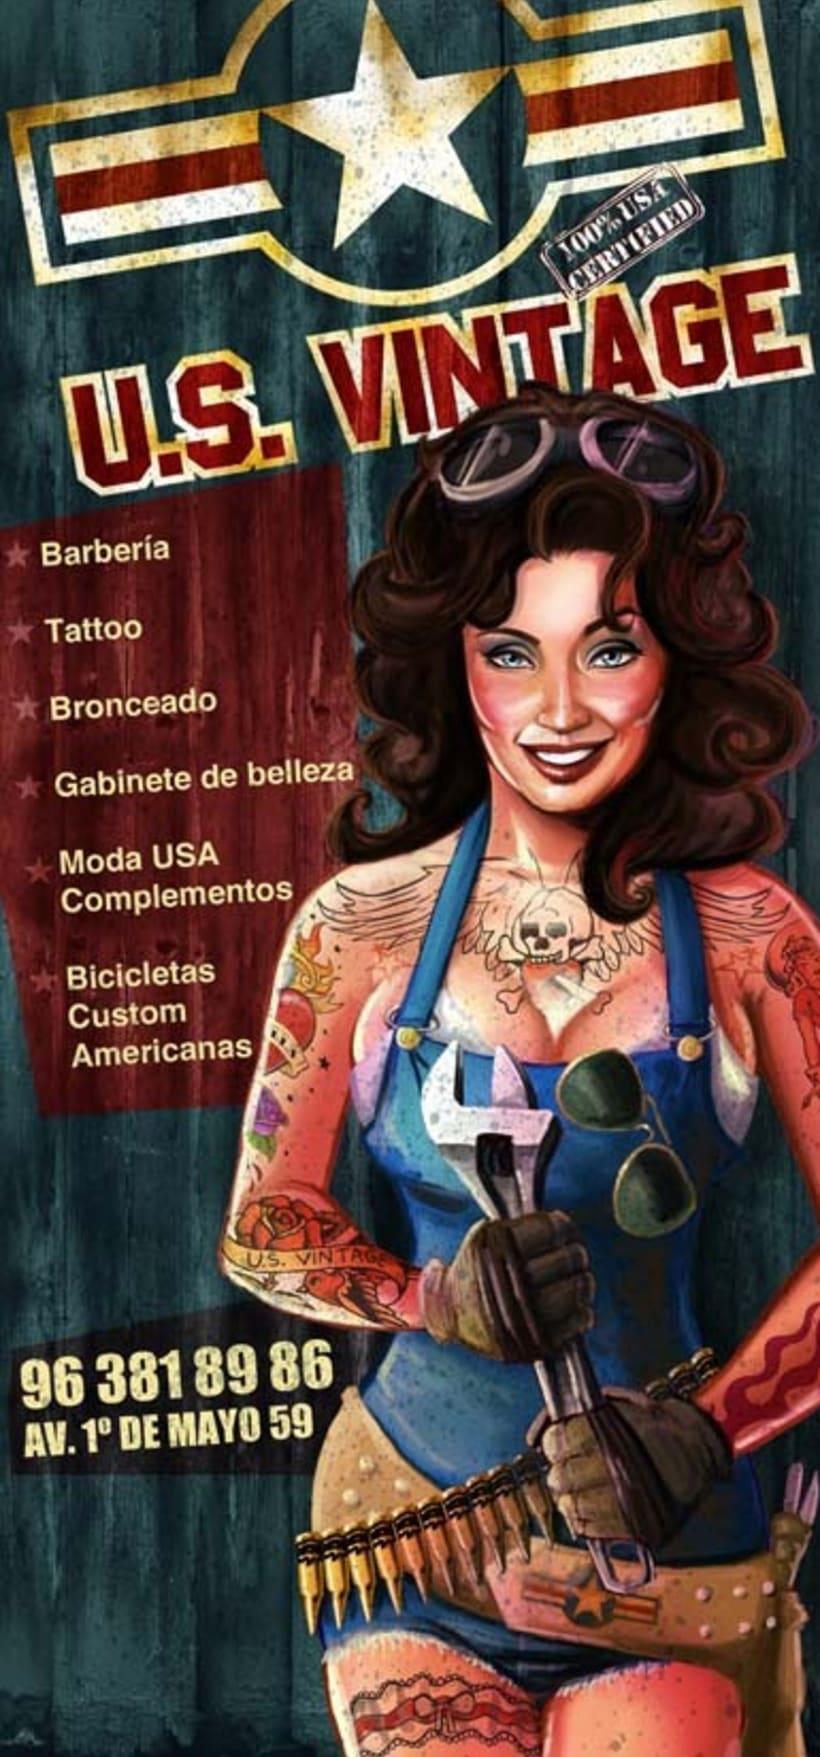 Flyer U.S. Vintage (Multiespacio de Cultura Americana) 3